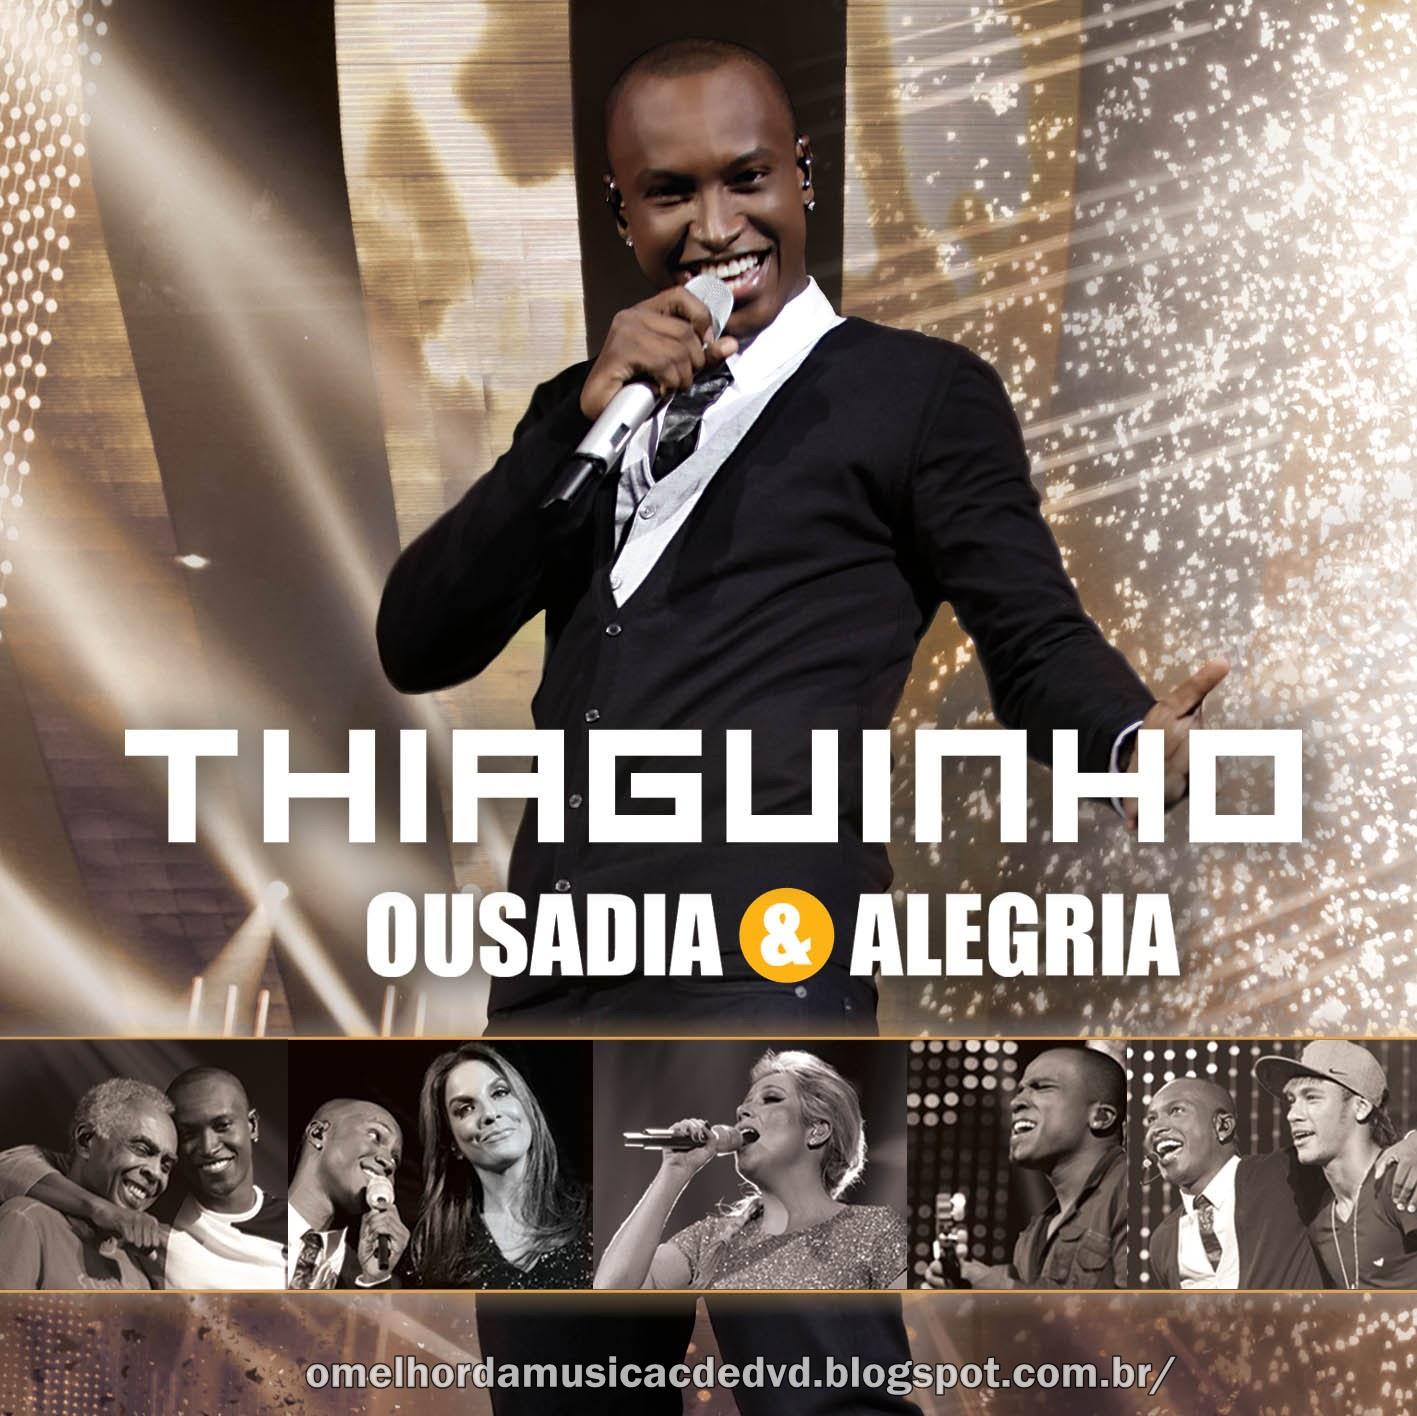 CD Thiaguinho - Ousadia & Alegria (2012)